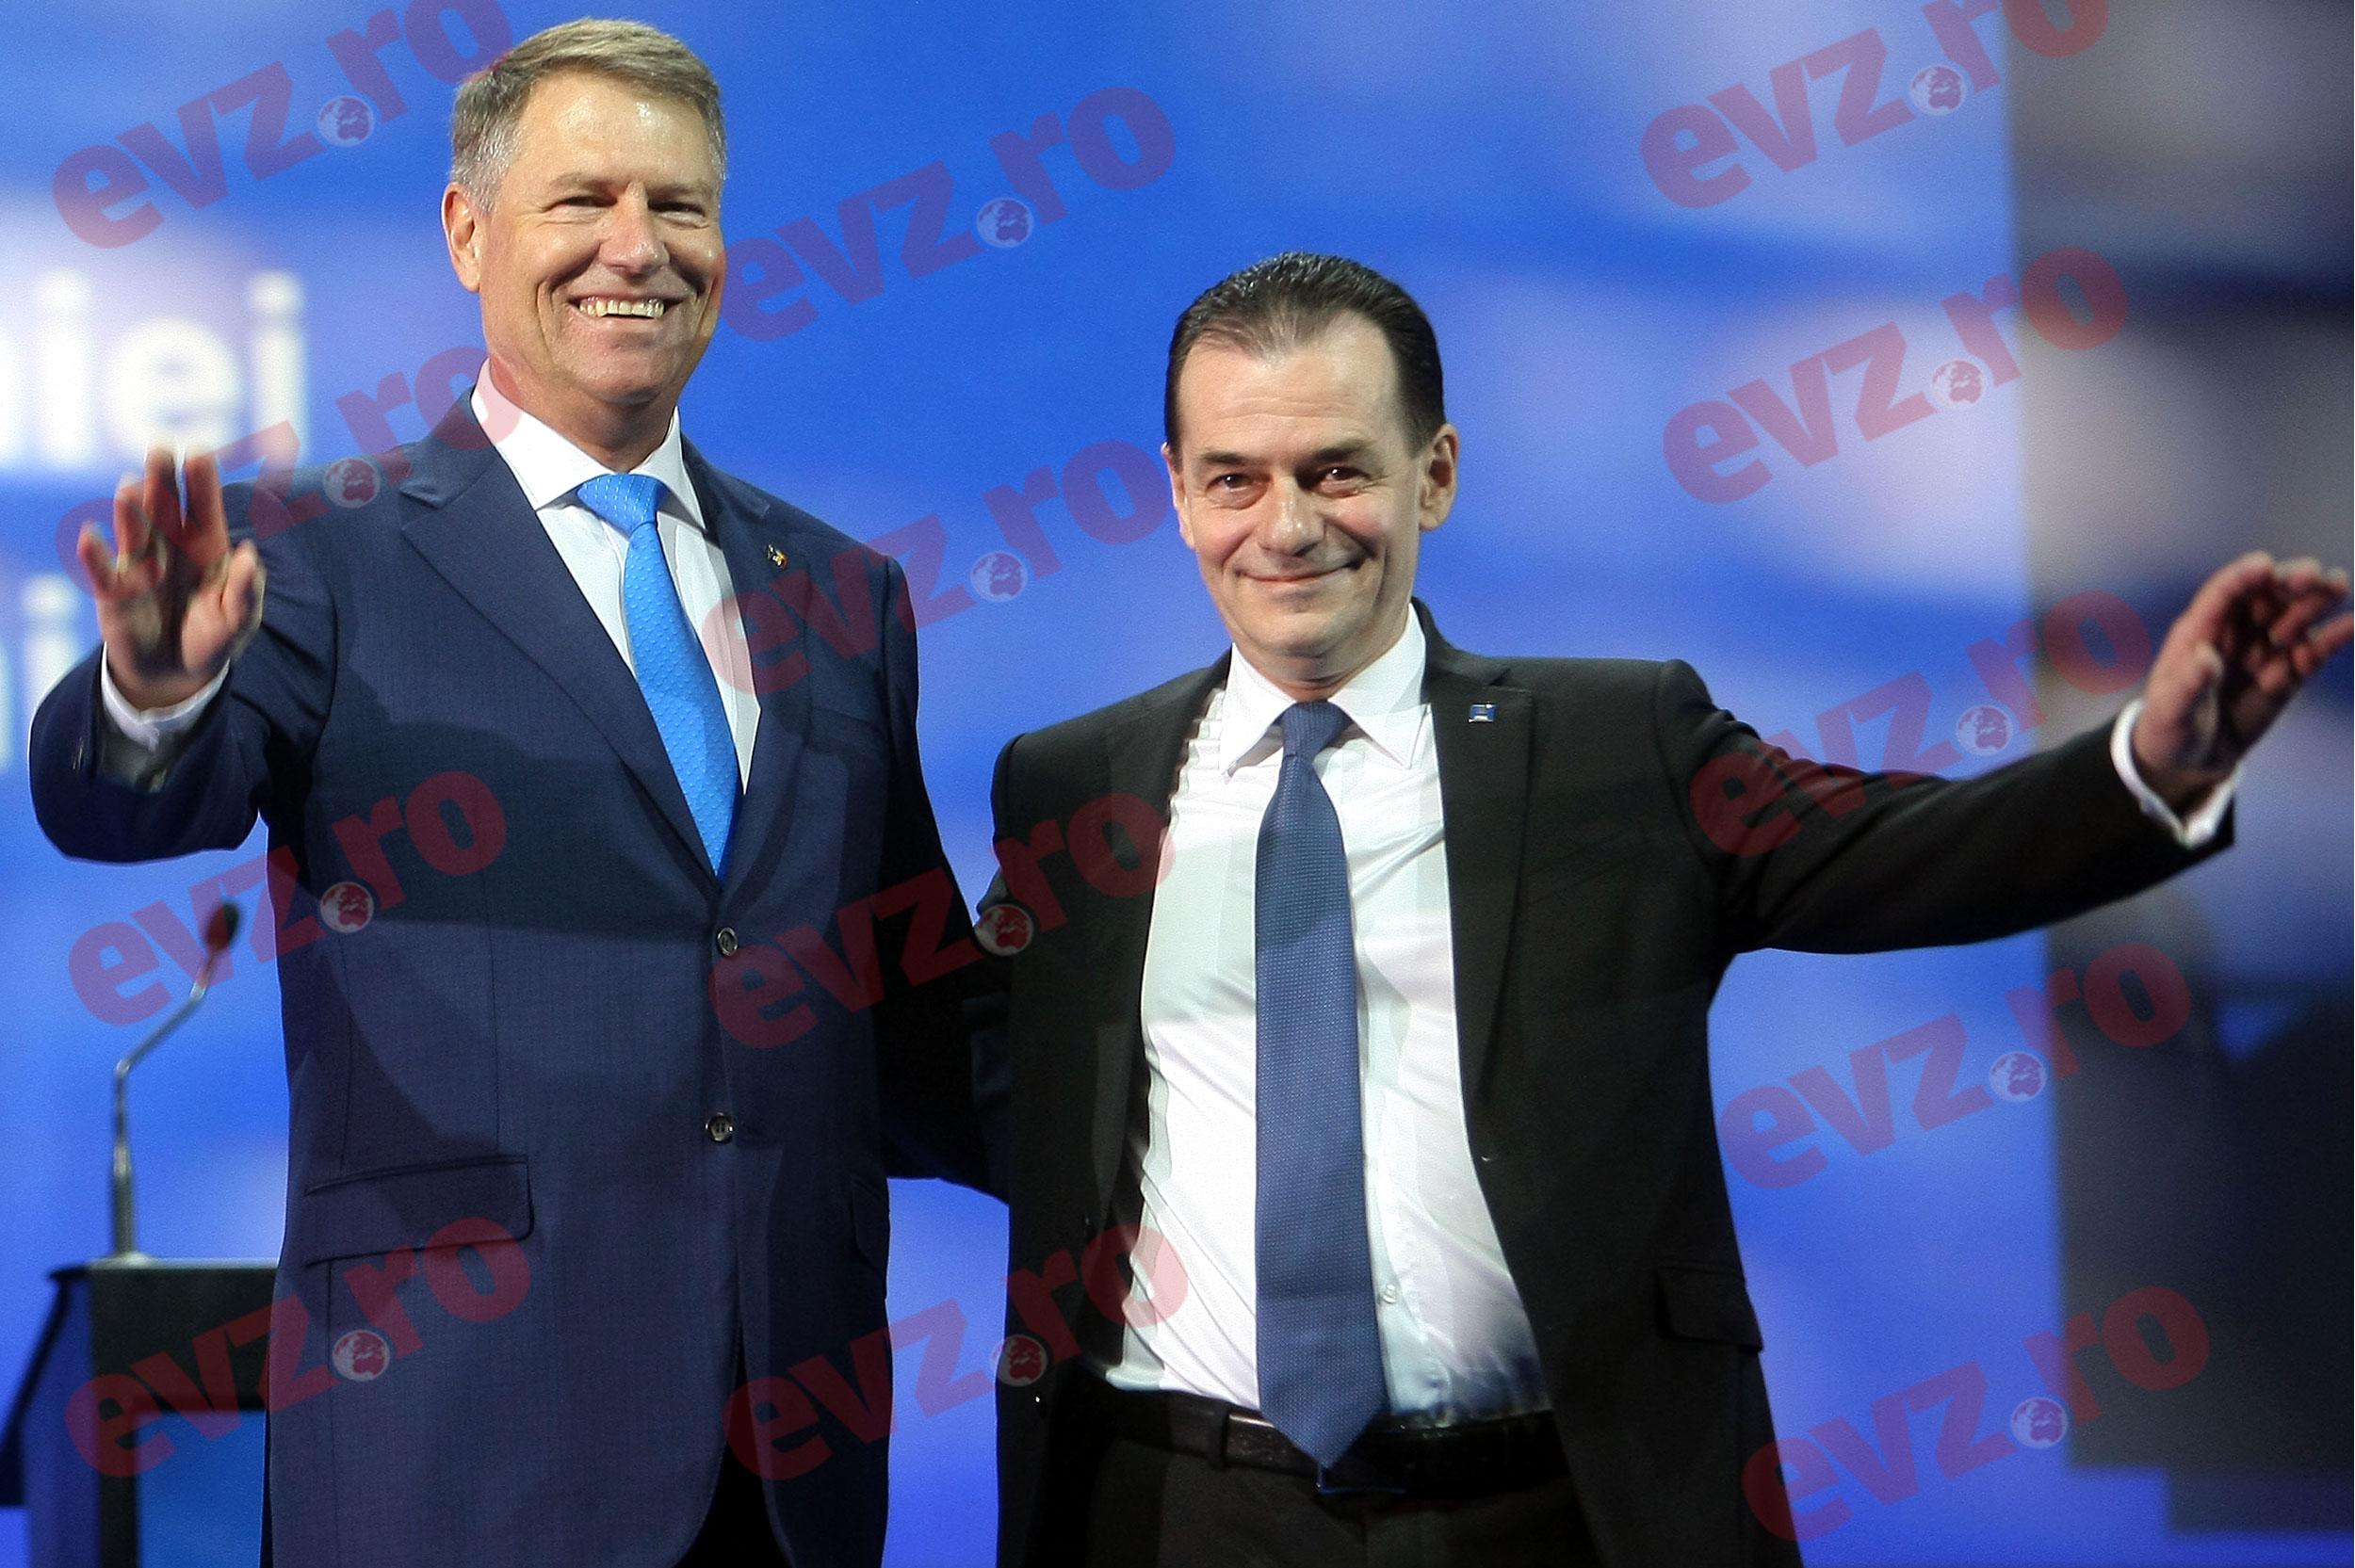 Patru luni ratate. Orban a eșuat cu anticipatele și cu alegerea primarilor în două tururi